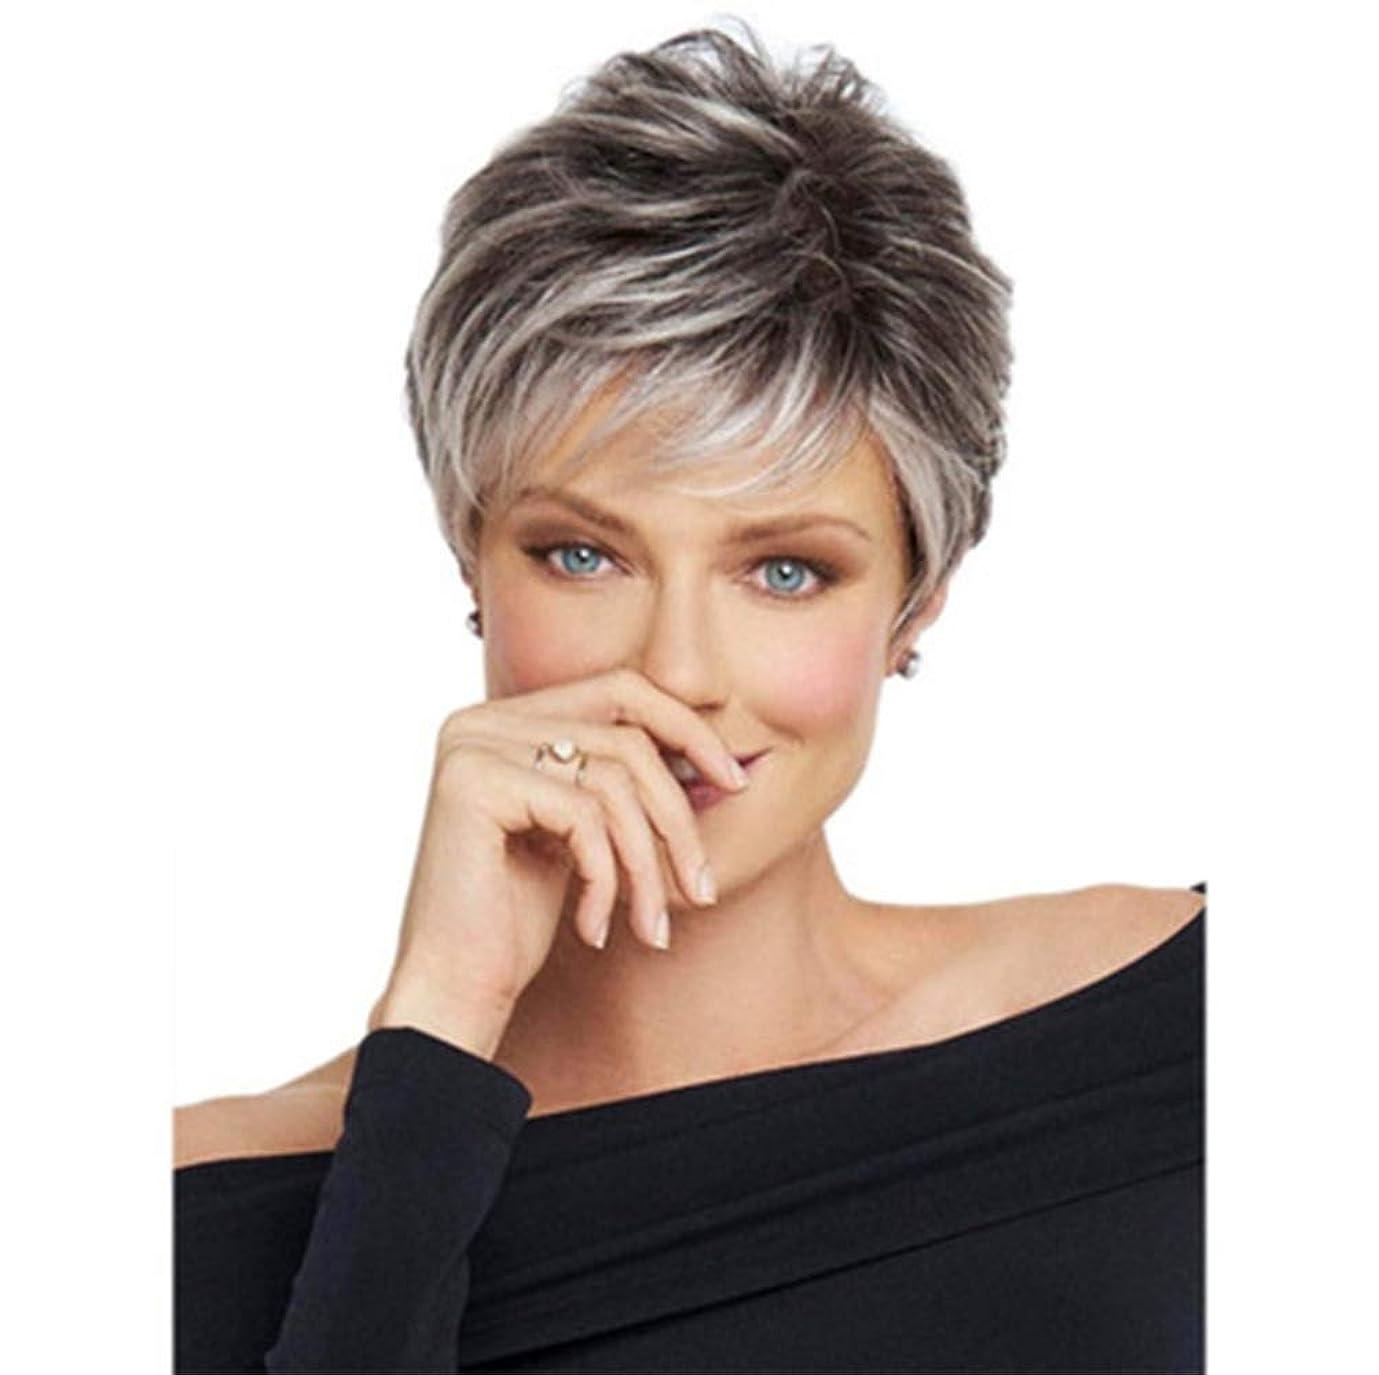 入り口一般化するダンプブラジル人毛ウィッグ黒グラデーショングレー28 cm用耐熱ウィッグ女性合成